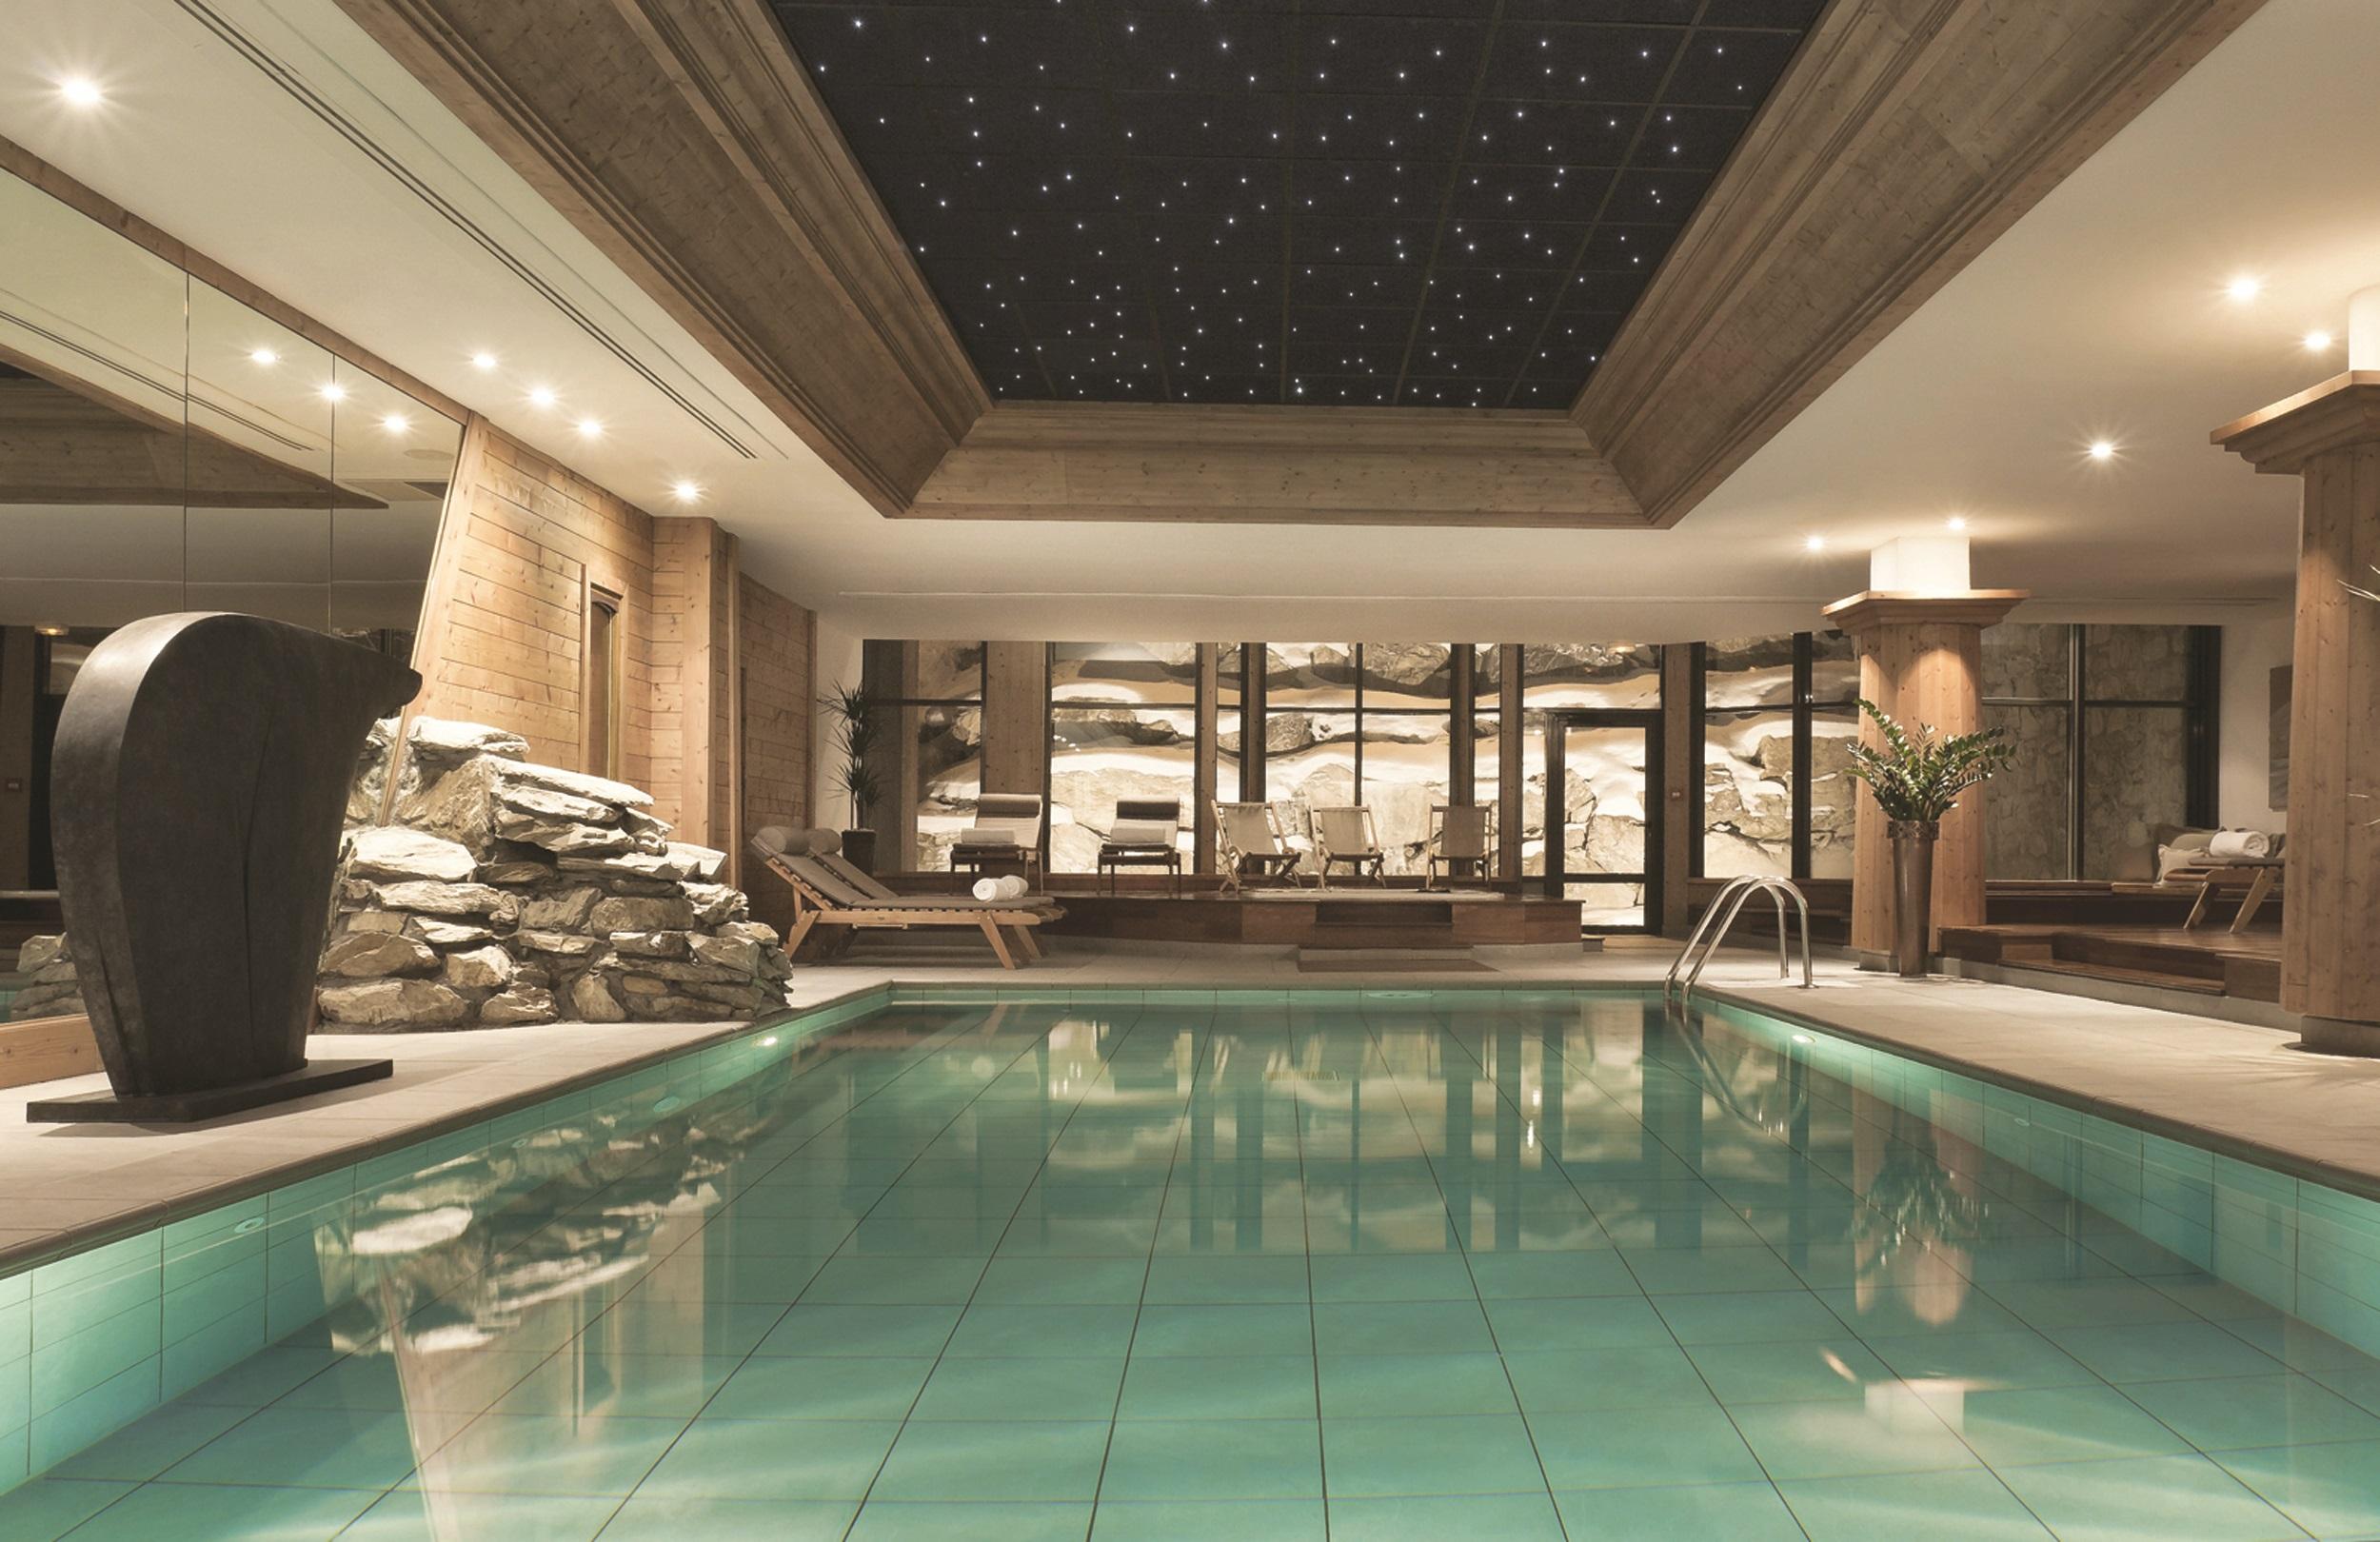 29_Spa_piscine_-_spa_swiming_pool[1].jpg